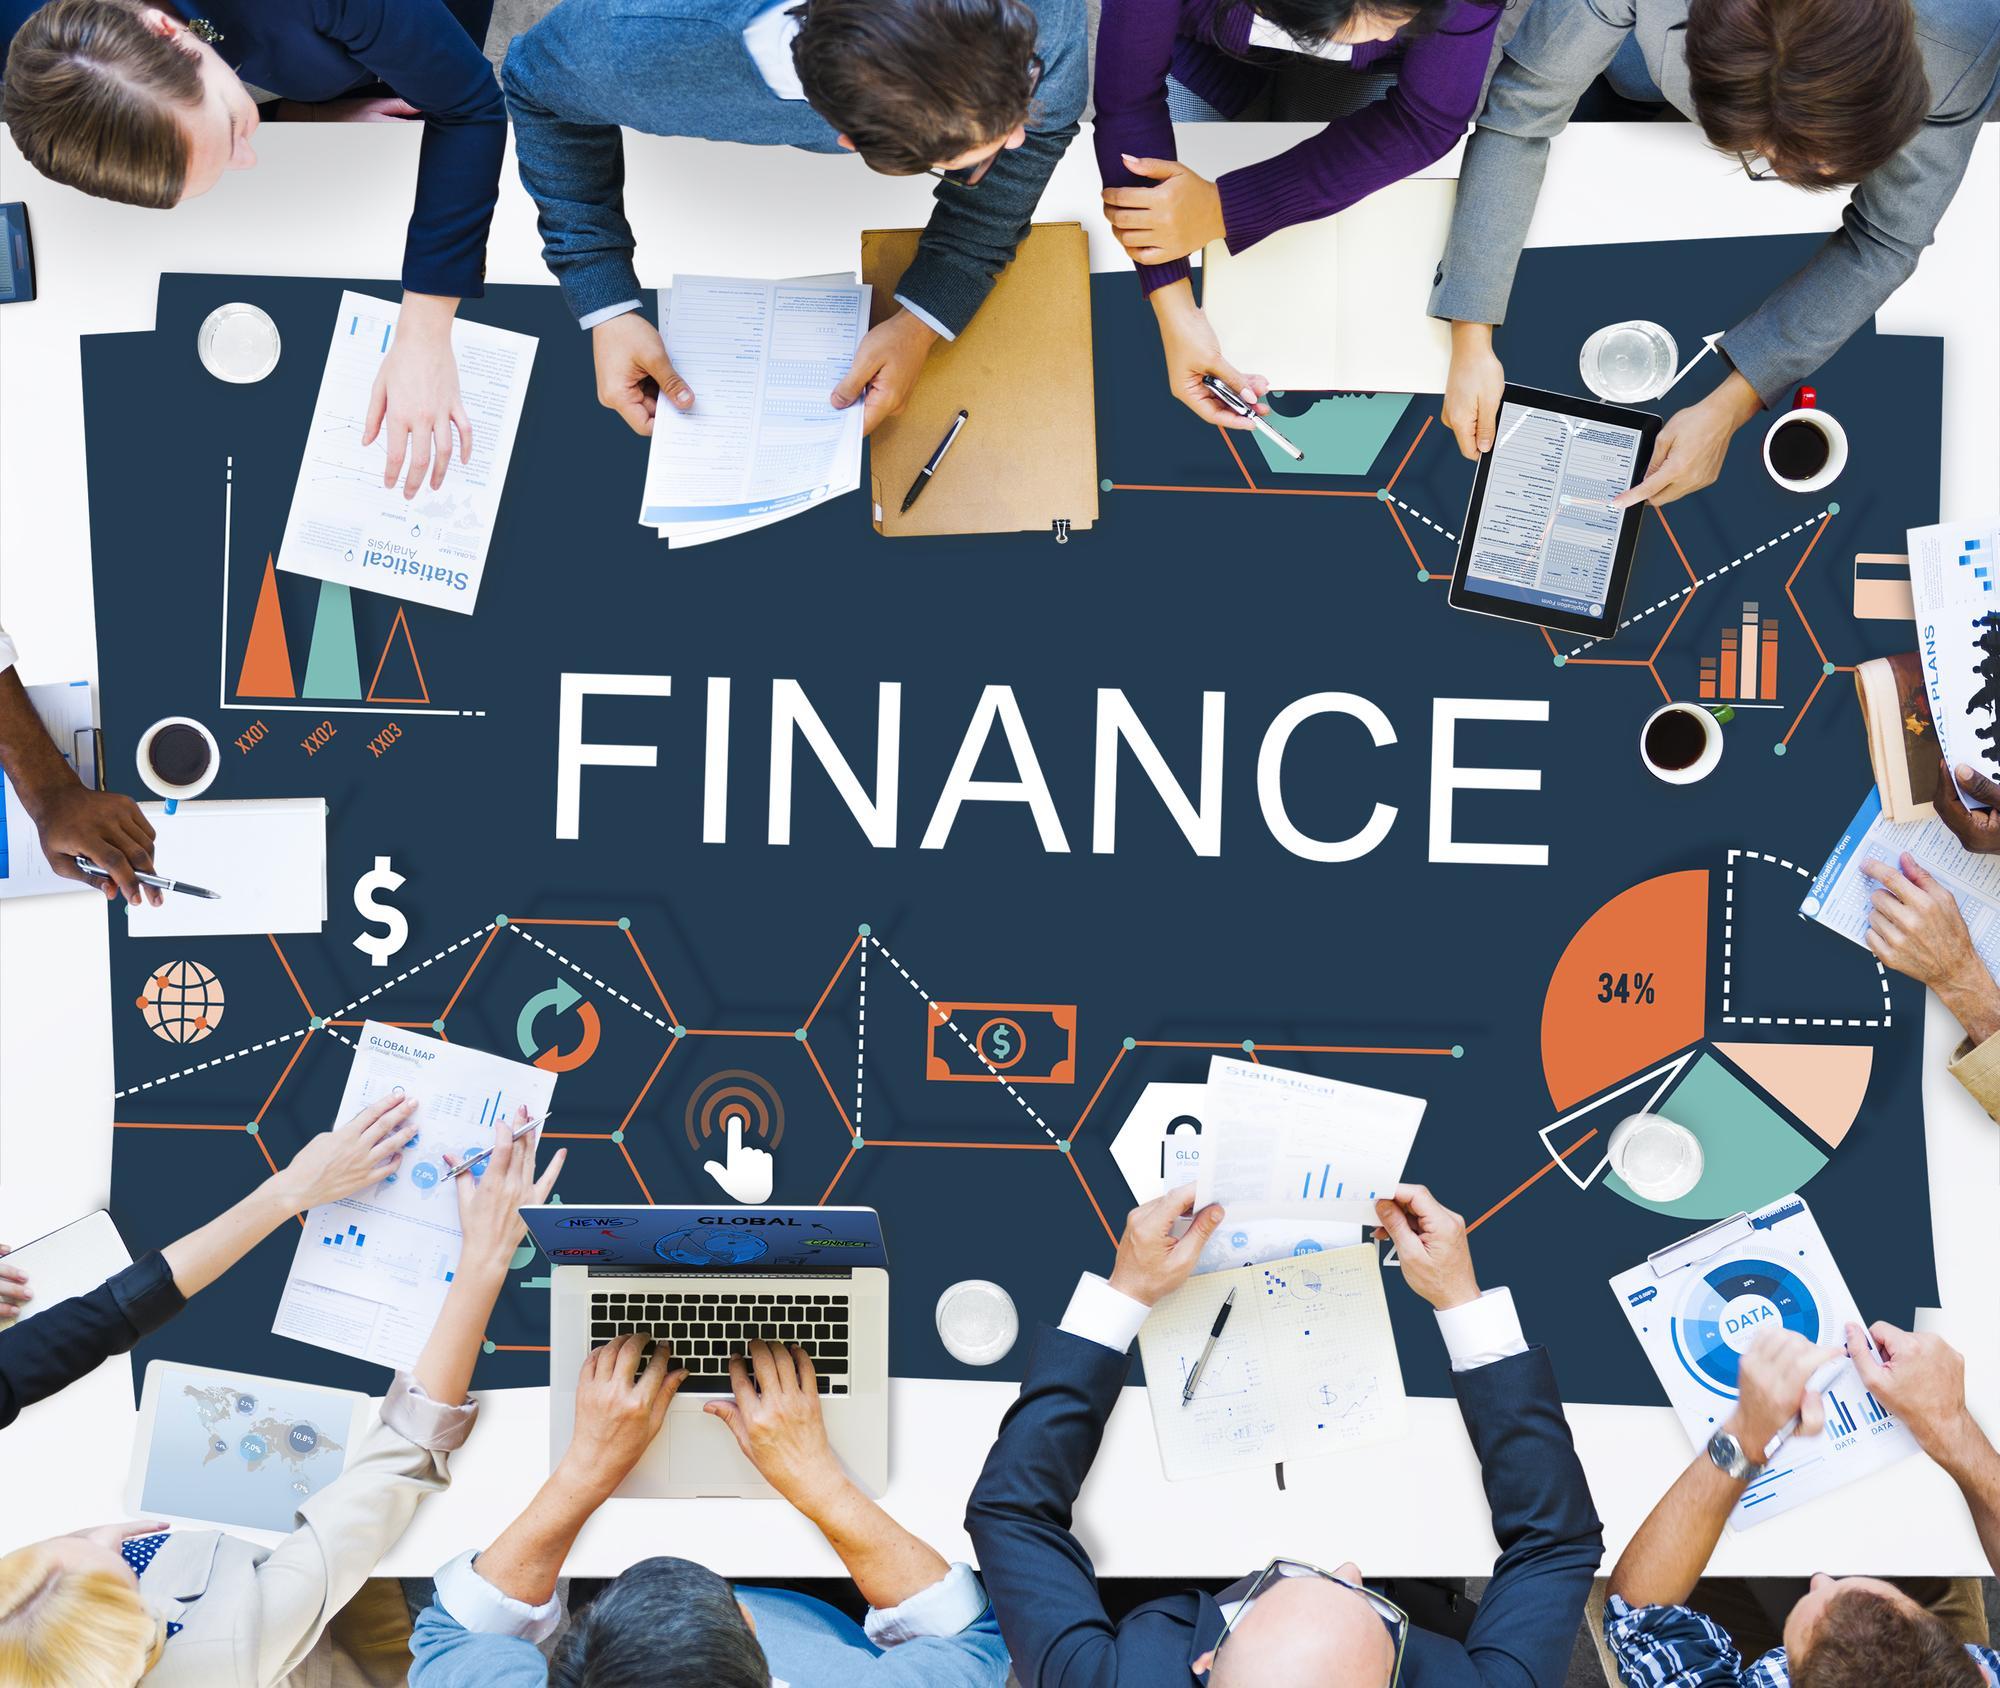 シェアリングエコノミー普及の懸け橋へ 金融ビジネス分野に期待される今後の役割とは?